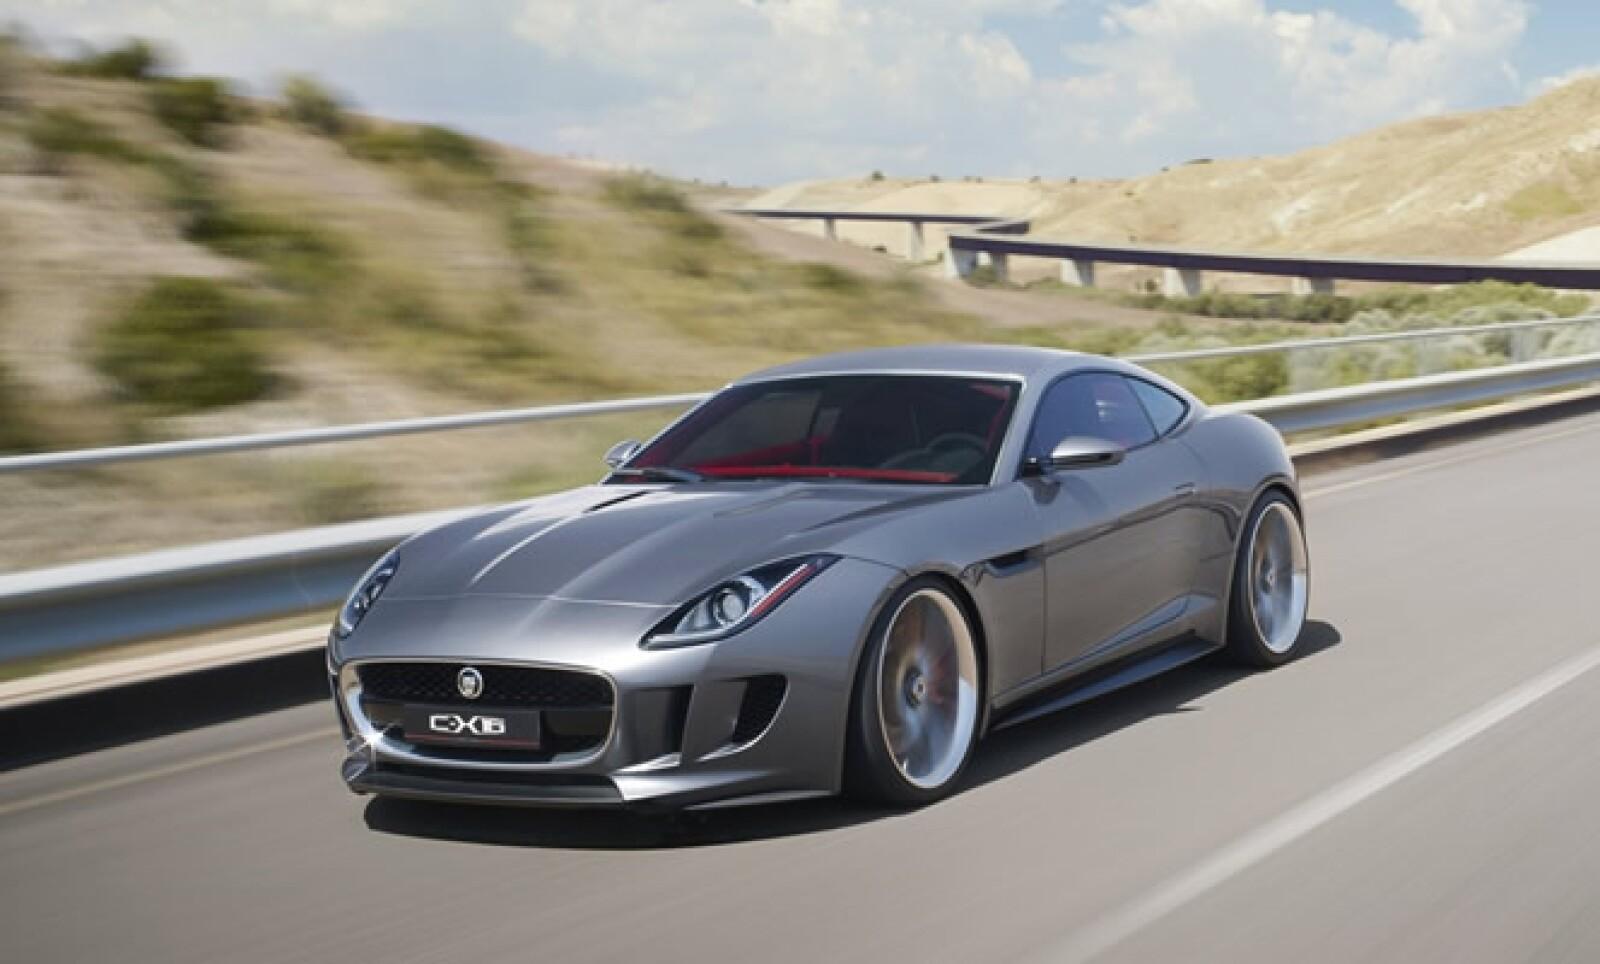 Diseñado para conmemorar los 50 años del mítico E-Type, es tan veloz como atractivo, cuenta con un motor 3.0L V6, cuyos 380 caballos de fuerza son bien aprovechados dentro de un ligero chasis de aluminio.